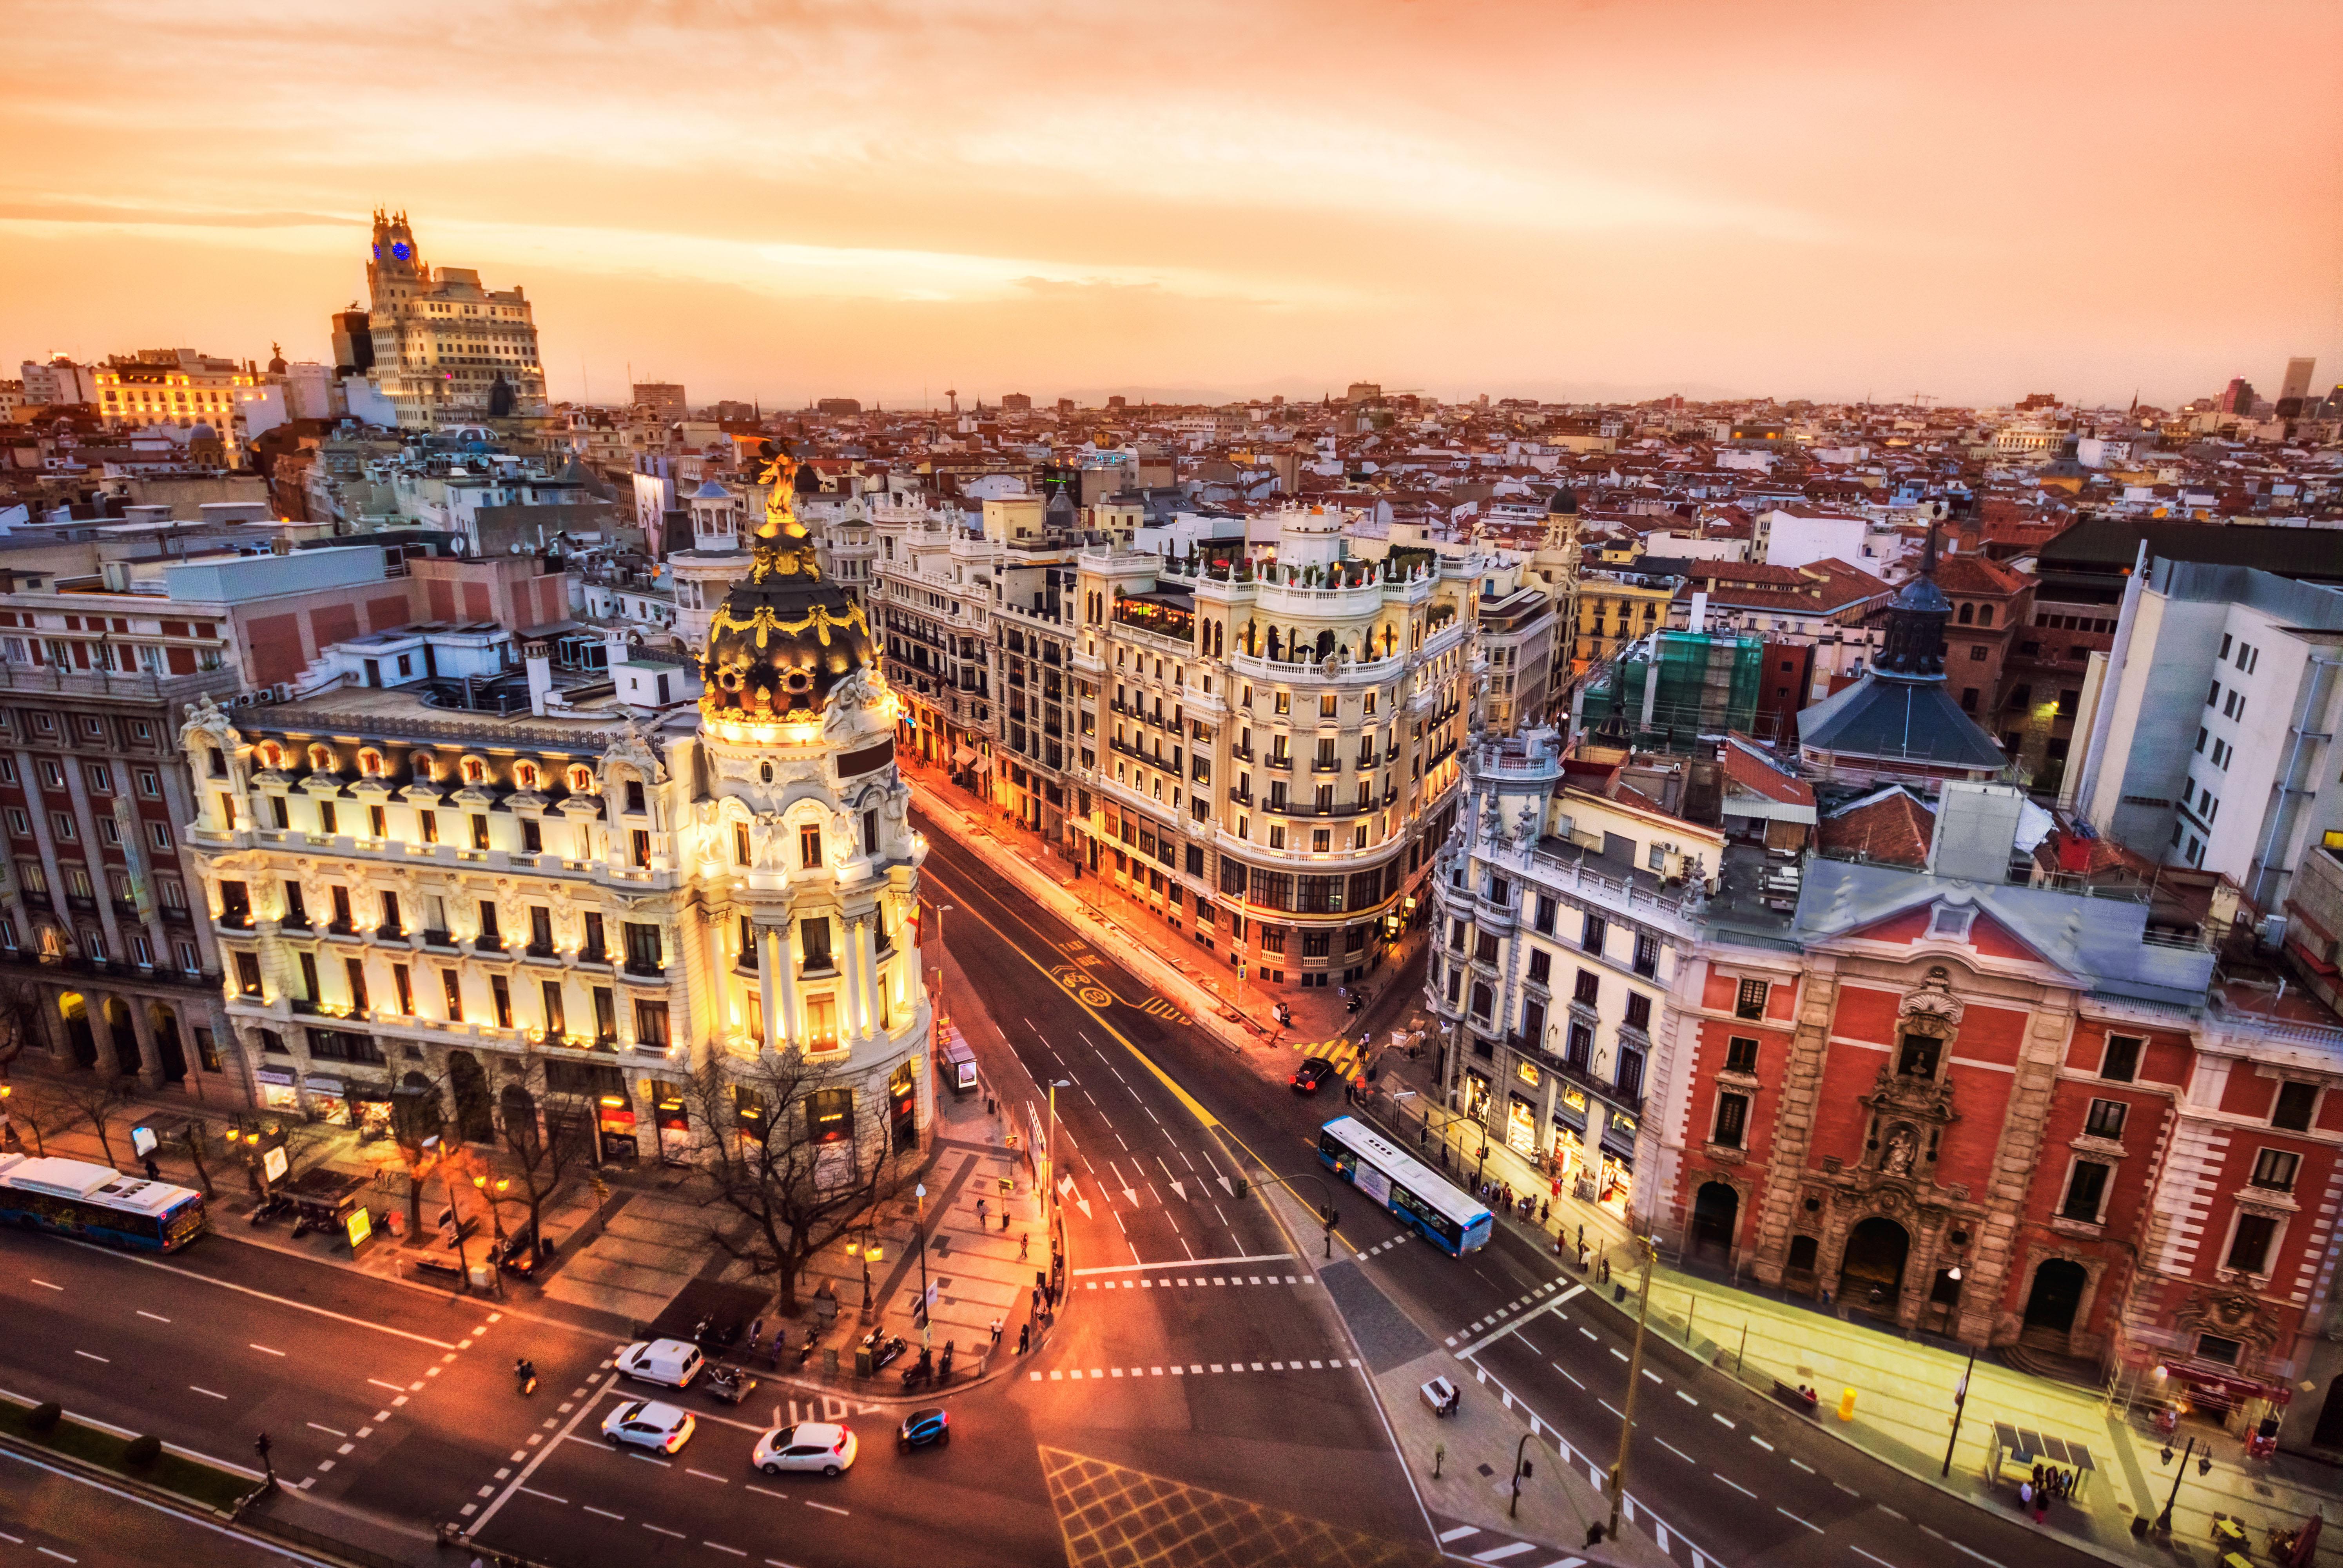 Vista aerea de Madrid desde el Circulo de Bellas artes